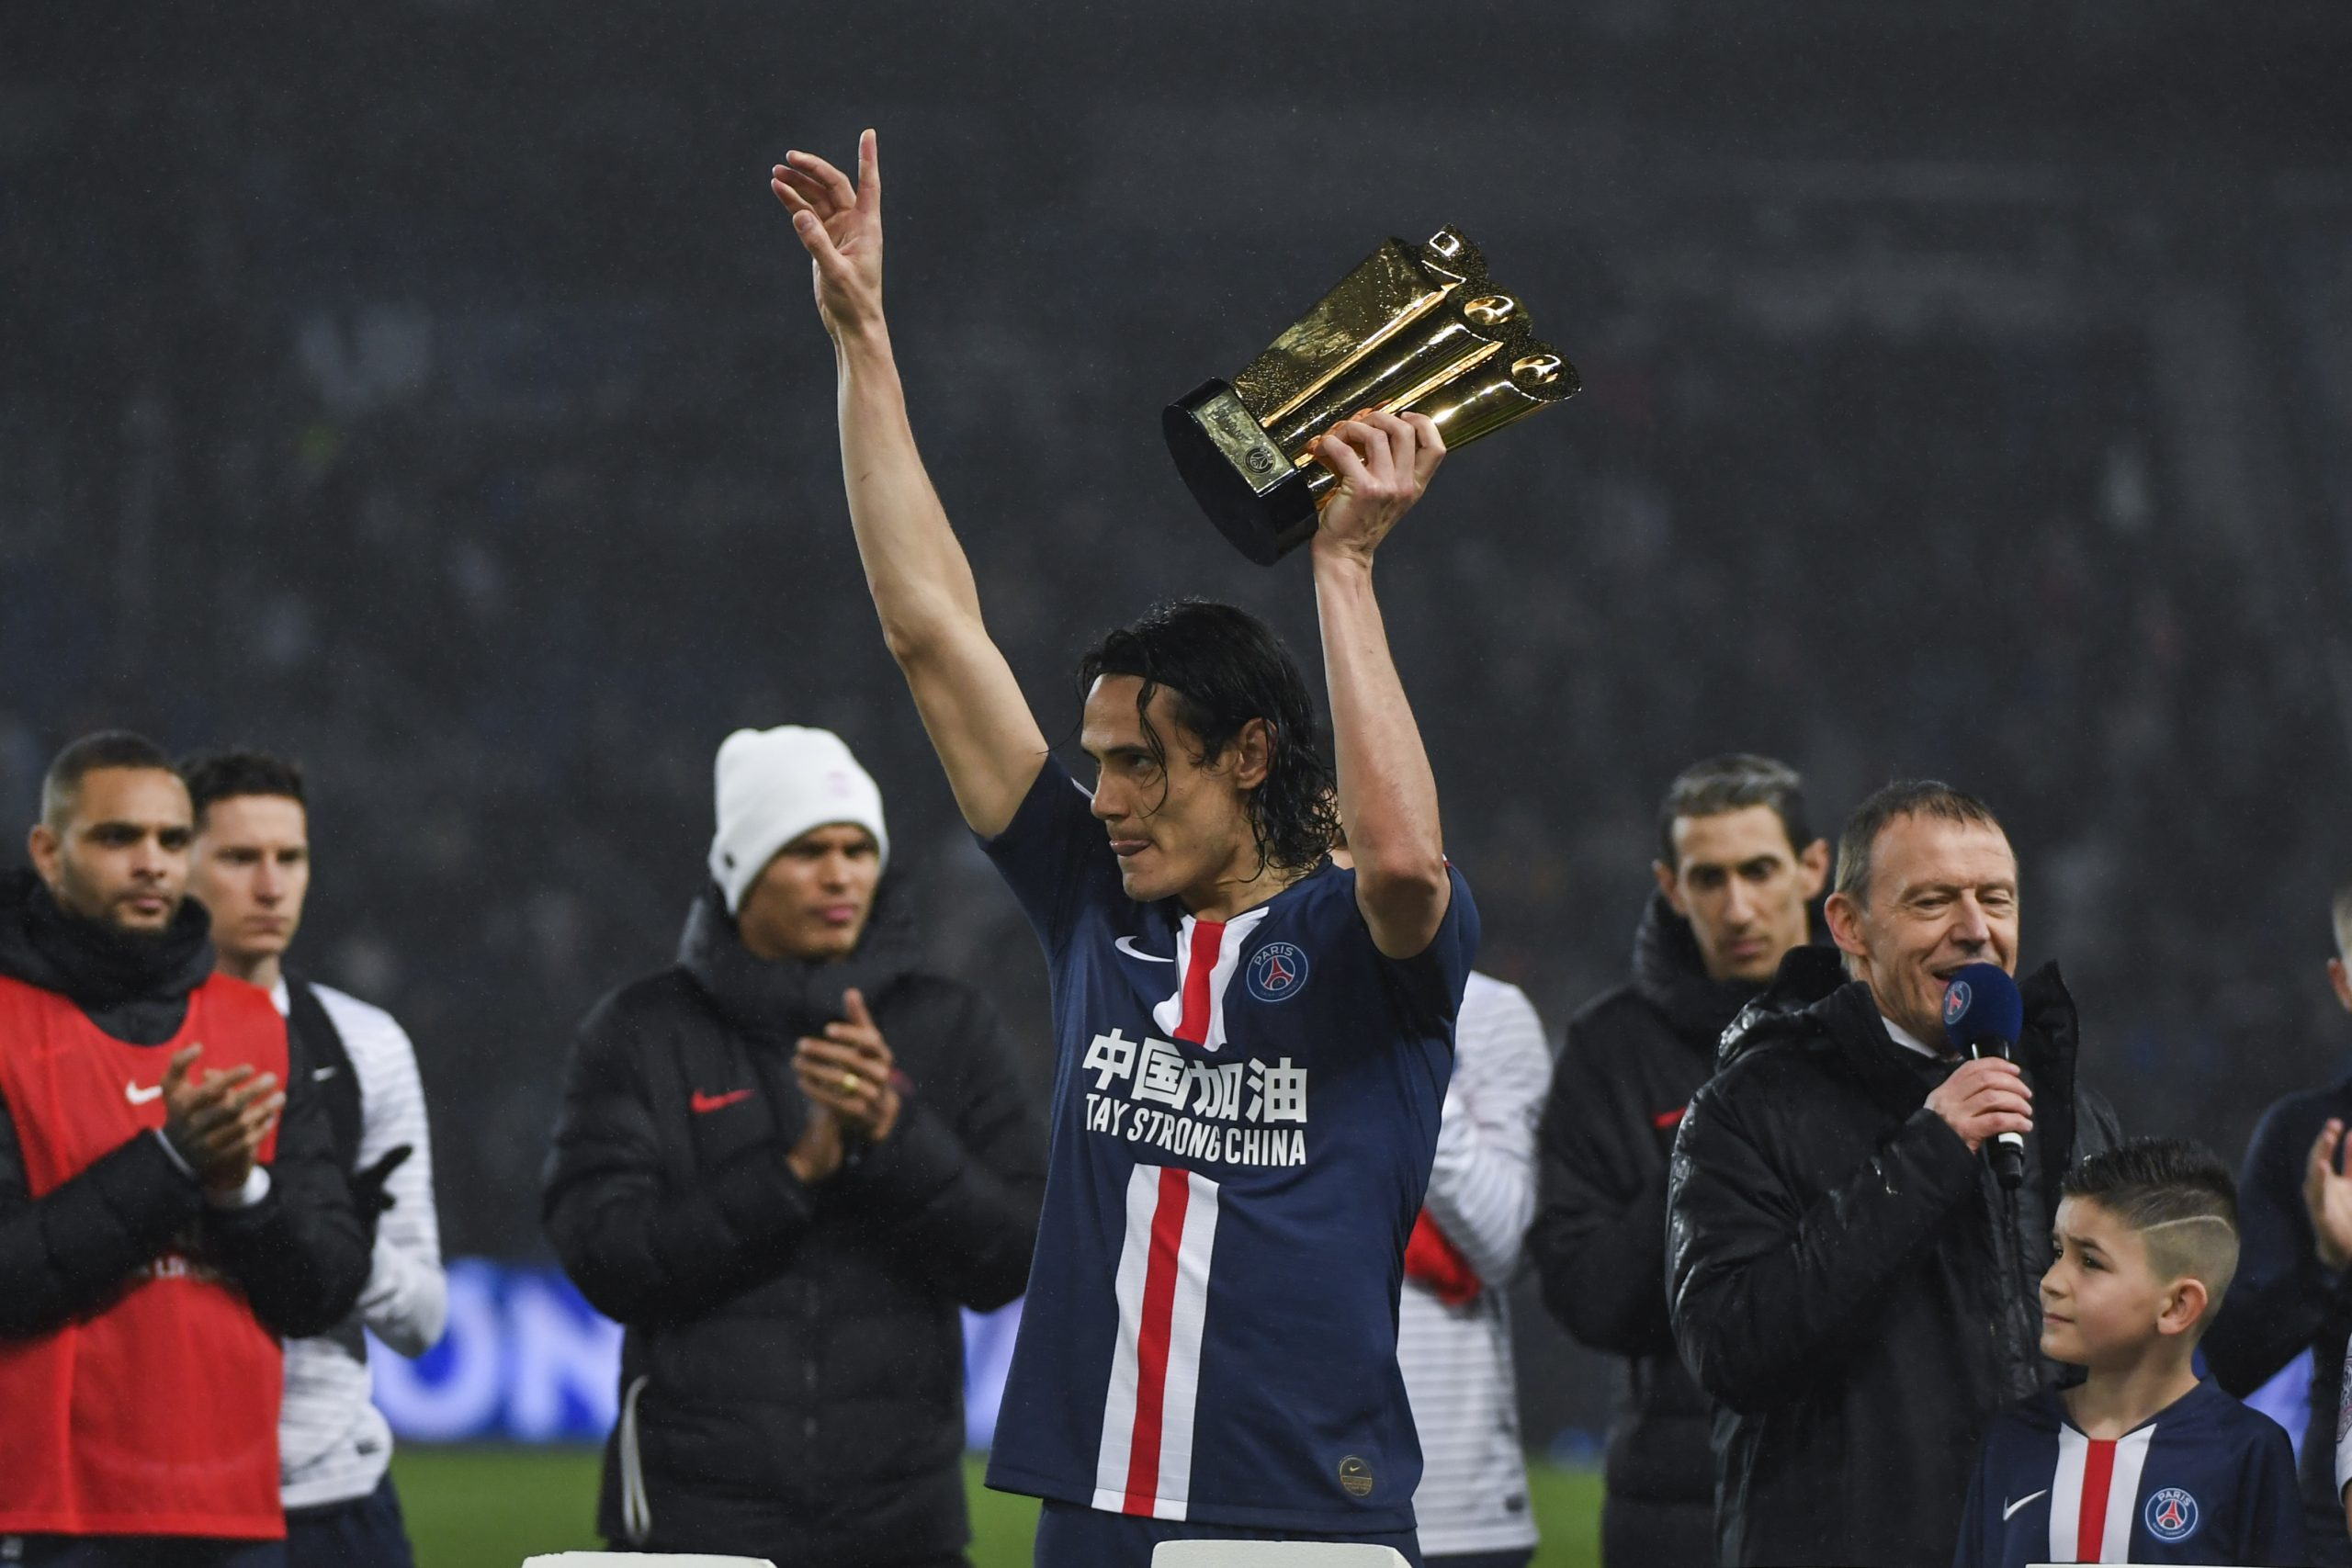 Mercato - Cavani veut finir la saison avec le PSG avant de faire un choix, explique Tuttosport